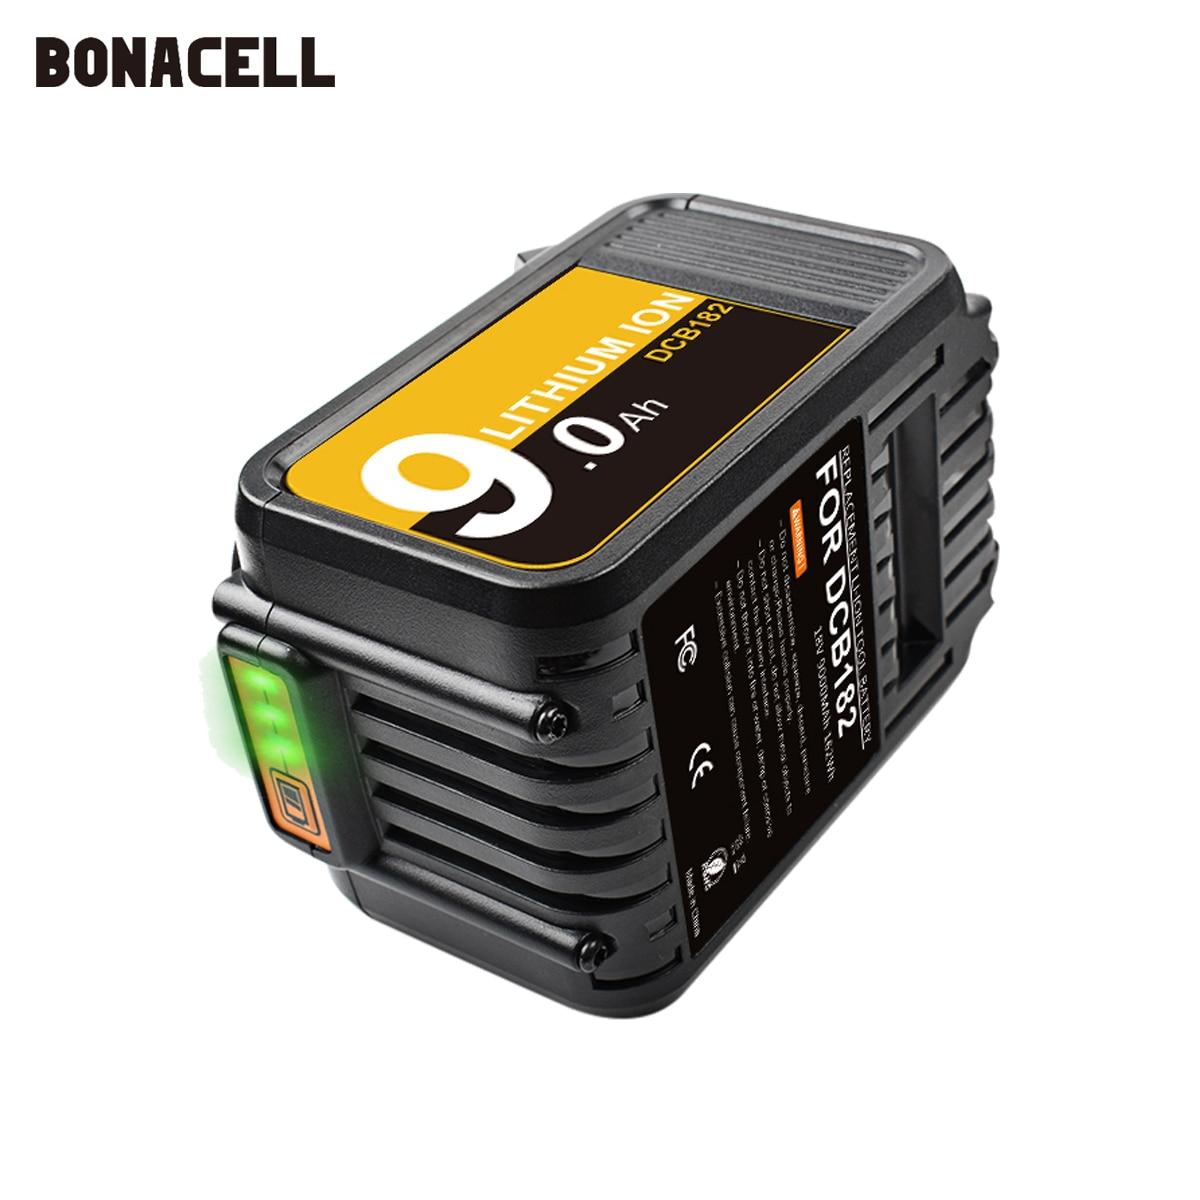 Сменная батарея Bonacell DCB184 18 в 9,0 Ач для литий-ионной батареи Dewalt DCB200 DCB180 DCB181 DCB182 DCB183 DCB185 18 в XR